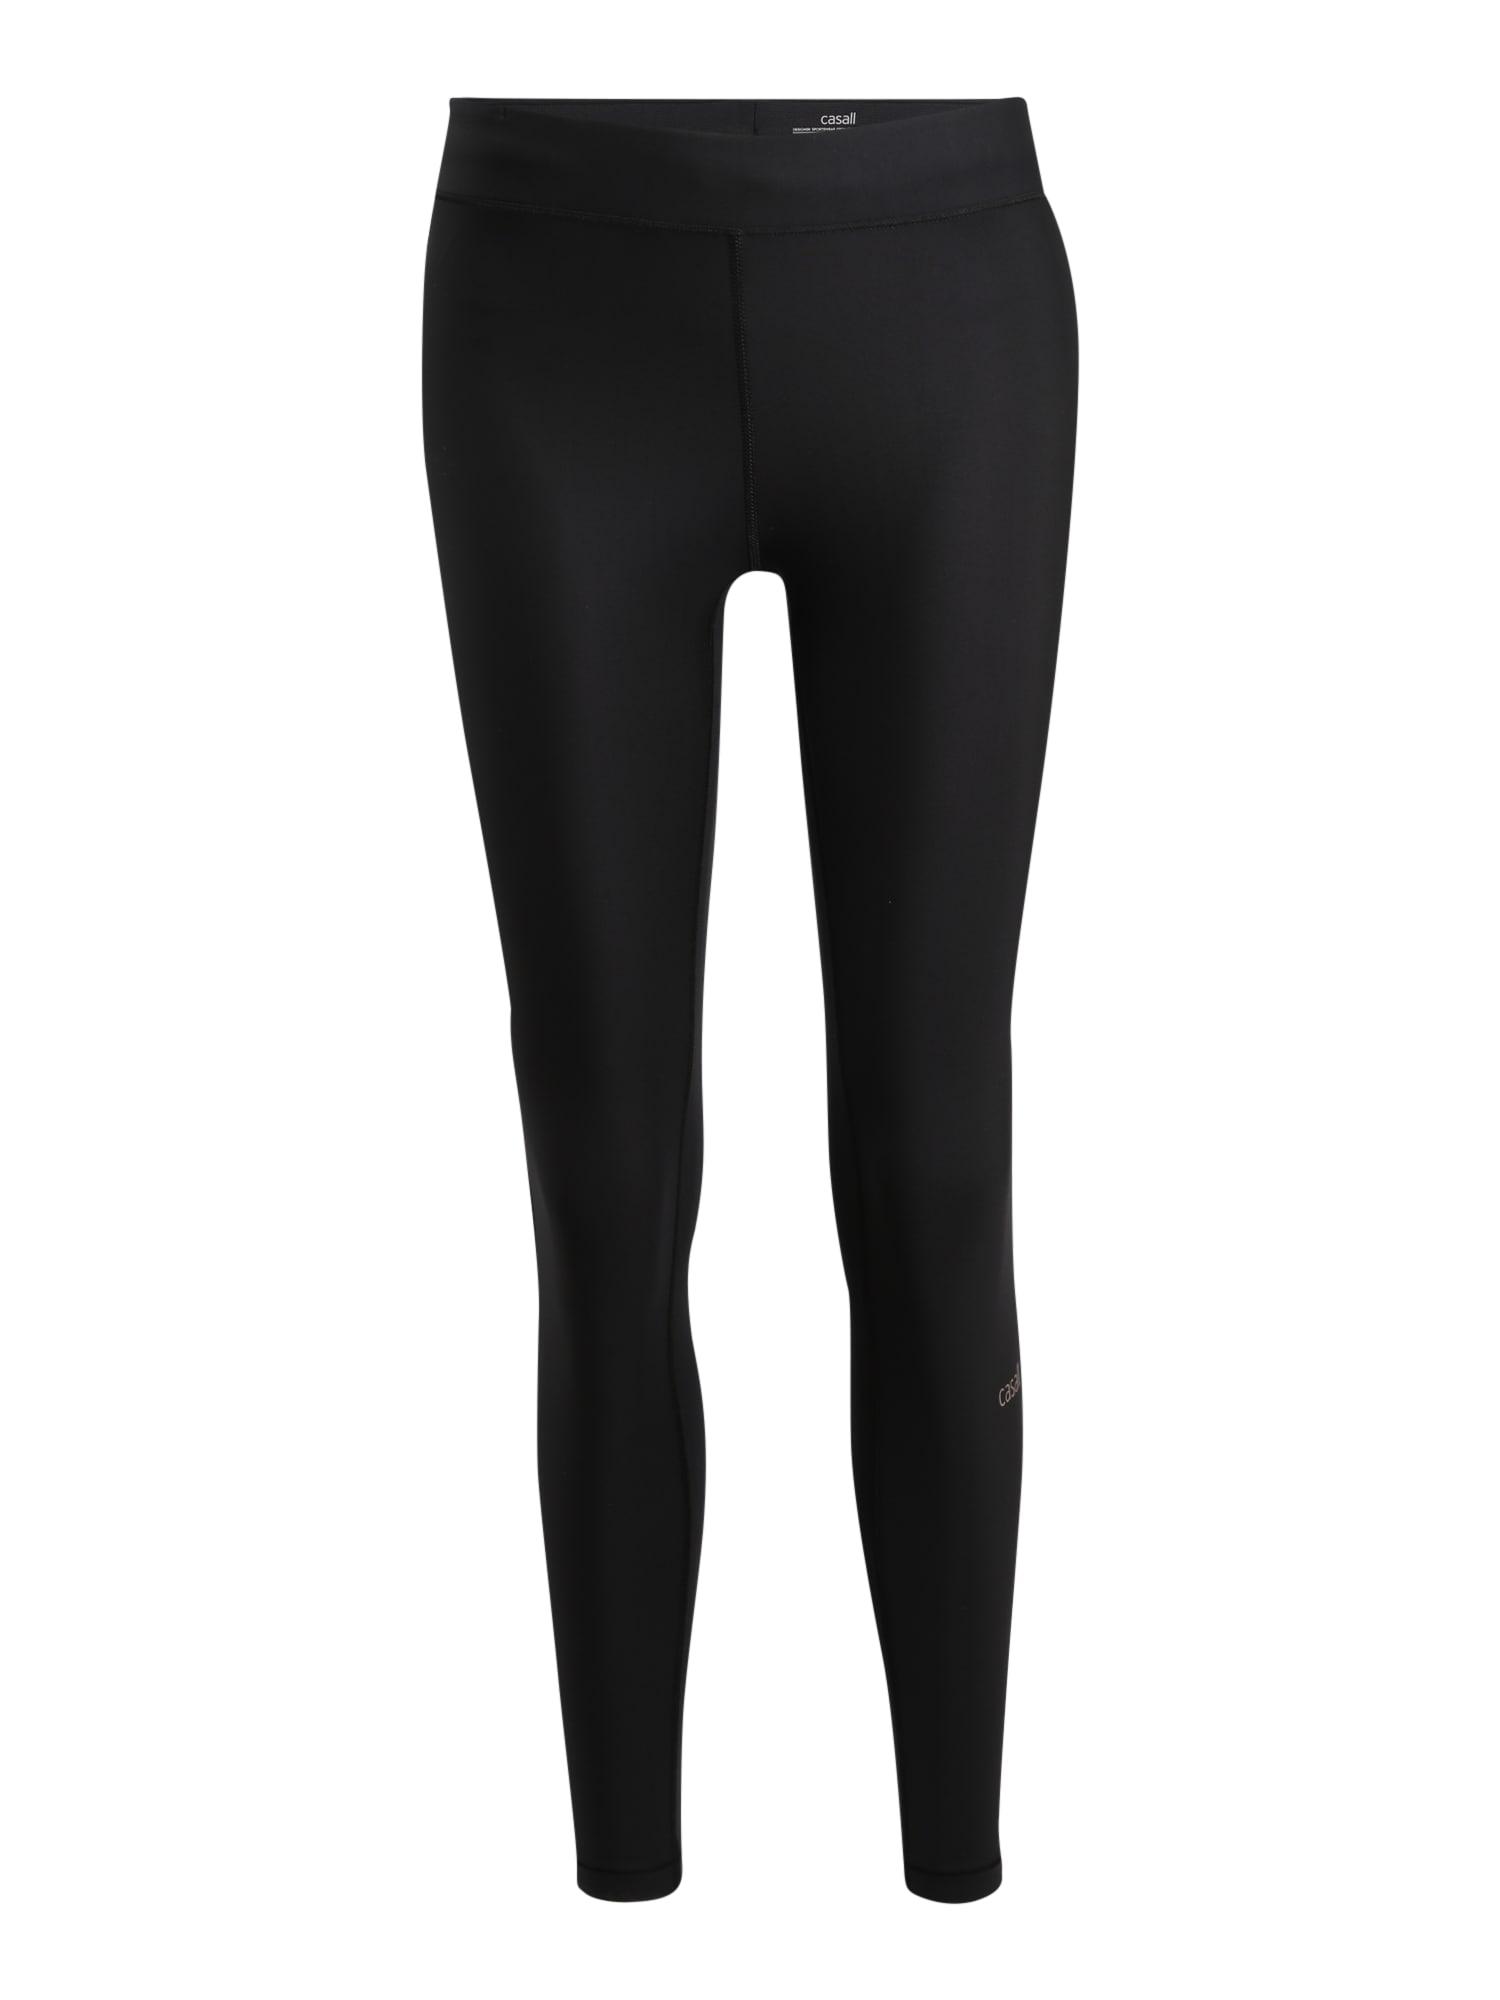 Casall Sportinės kelnės 'Insert' juoda